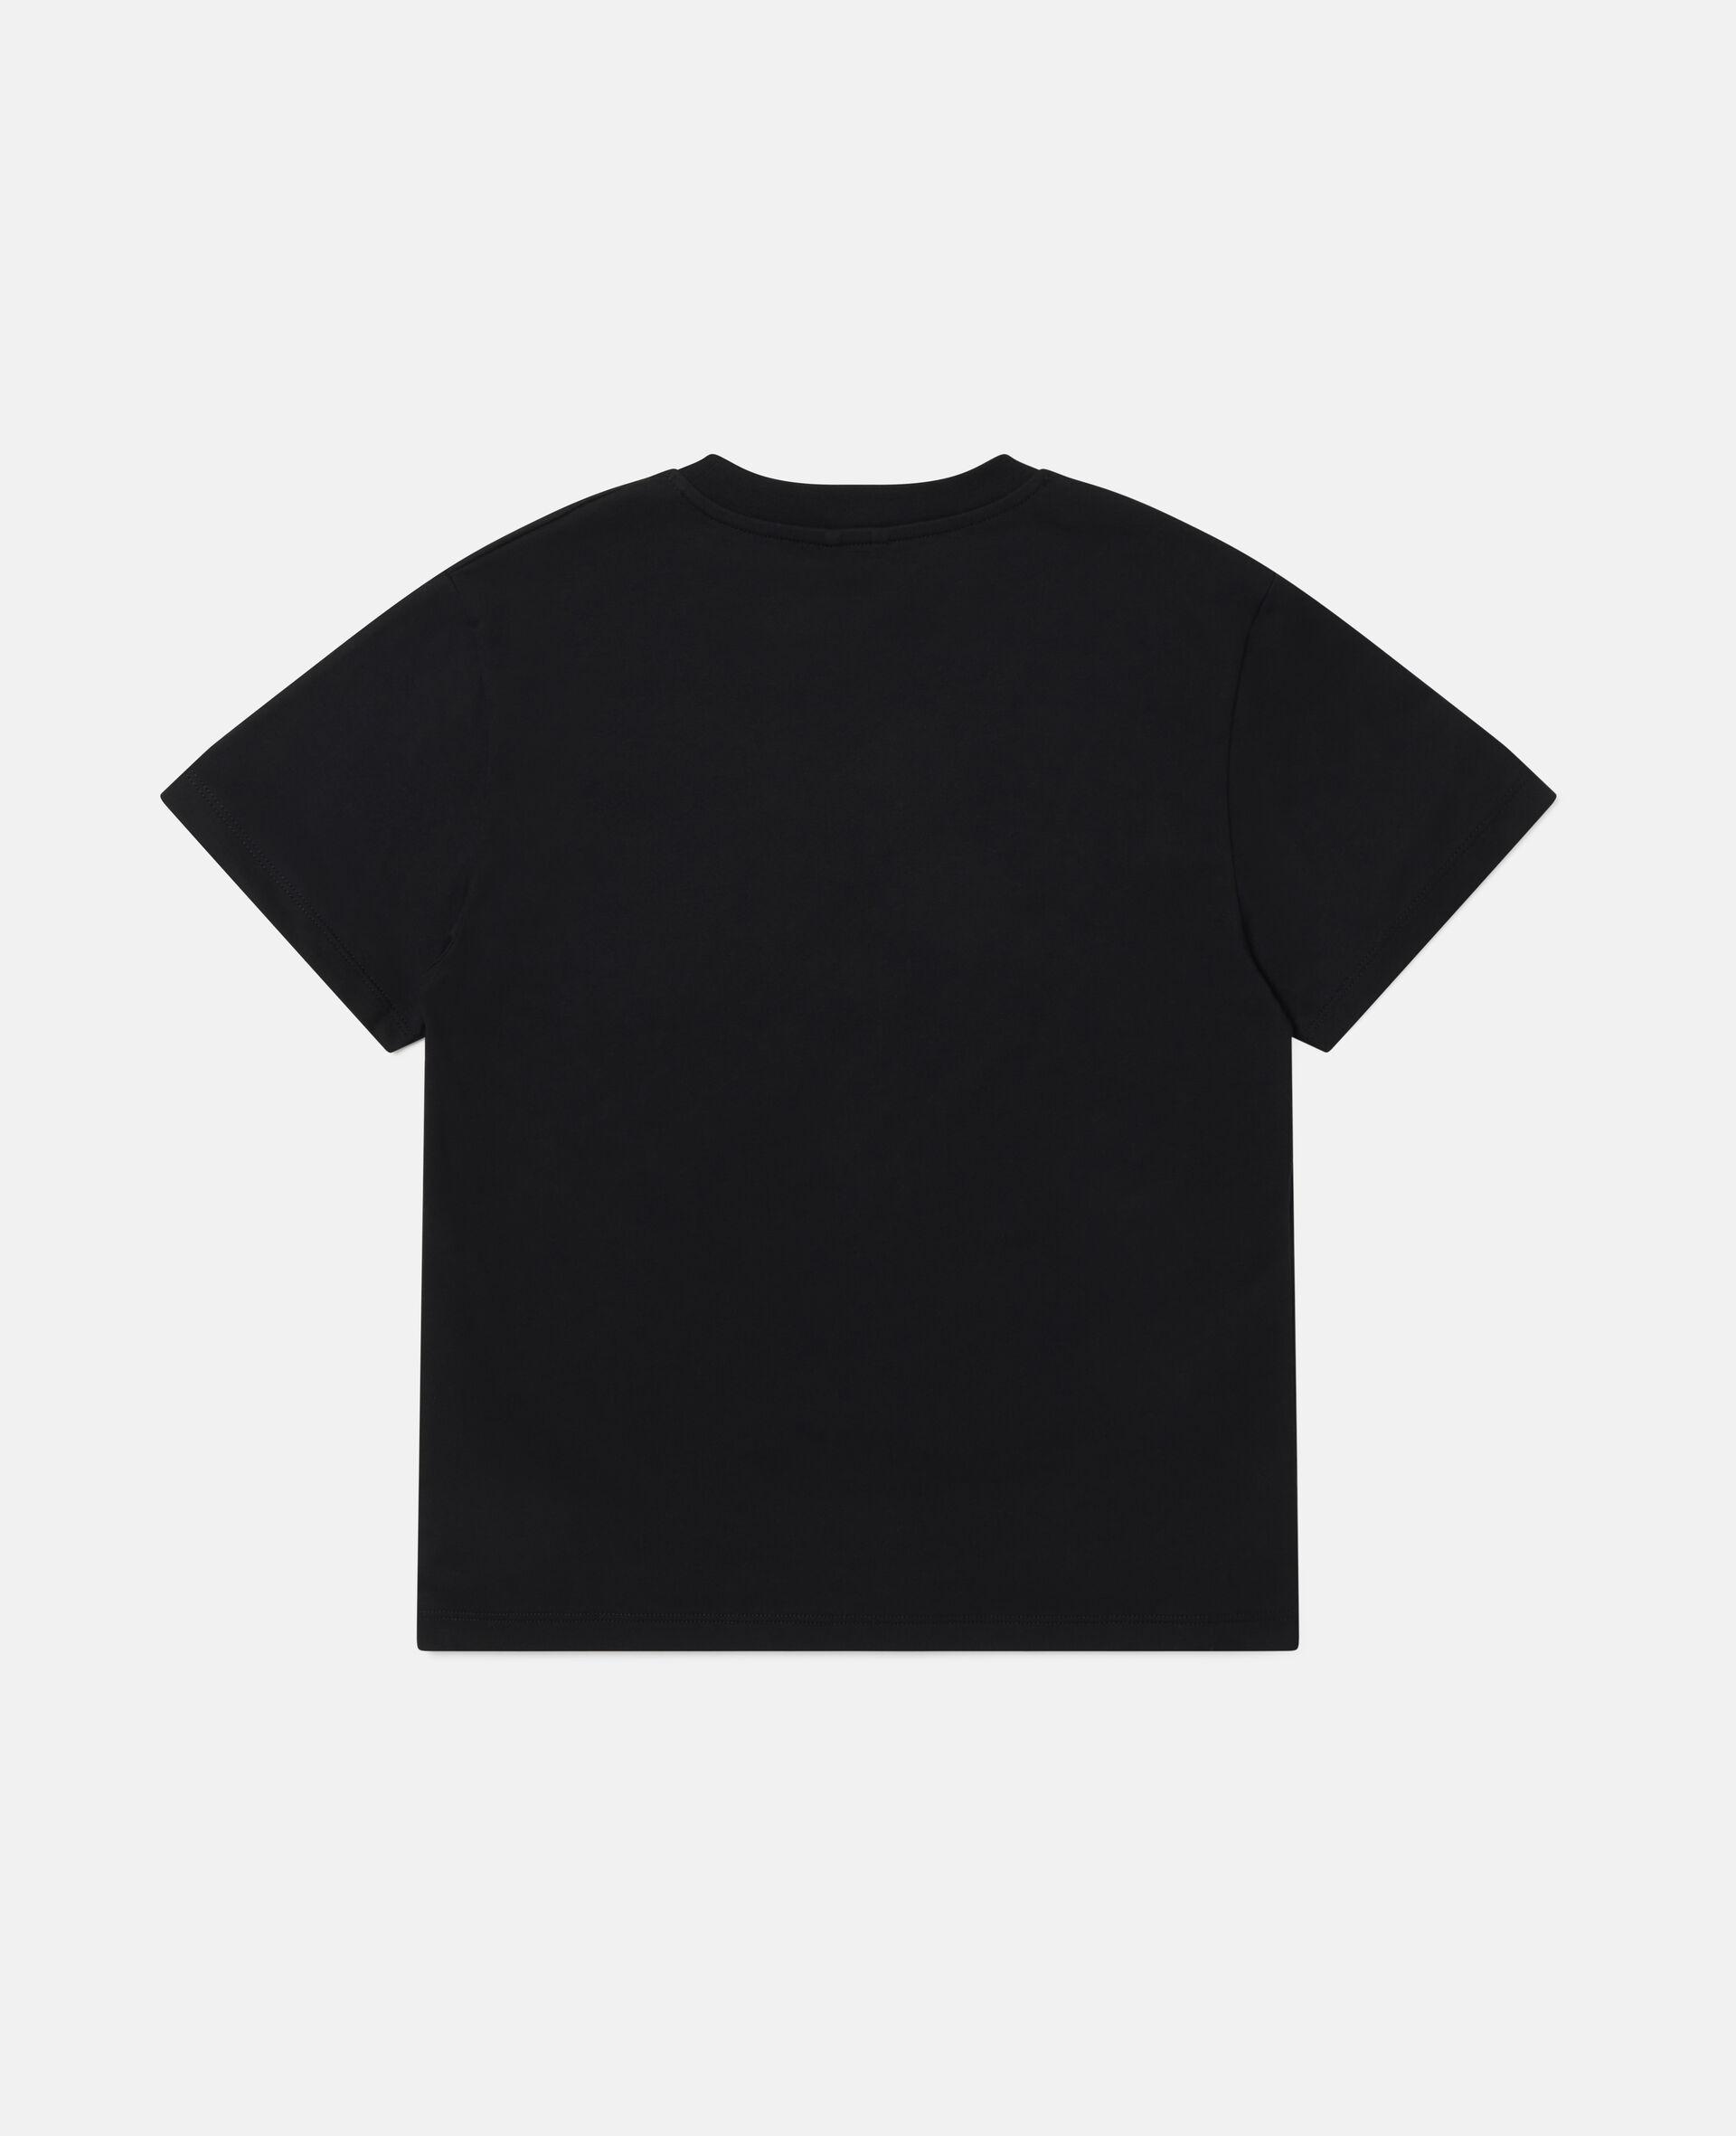 Skull Oversized Logo Cotton T-shirt-Black-large image number 3